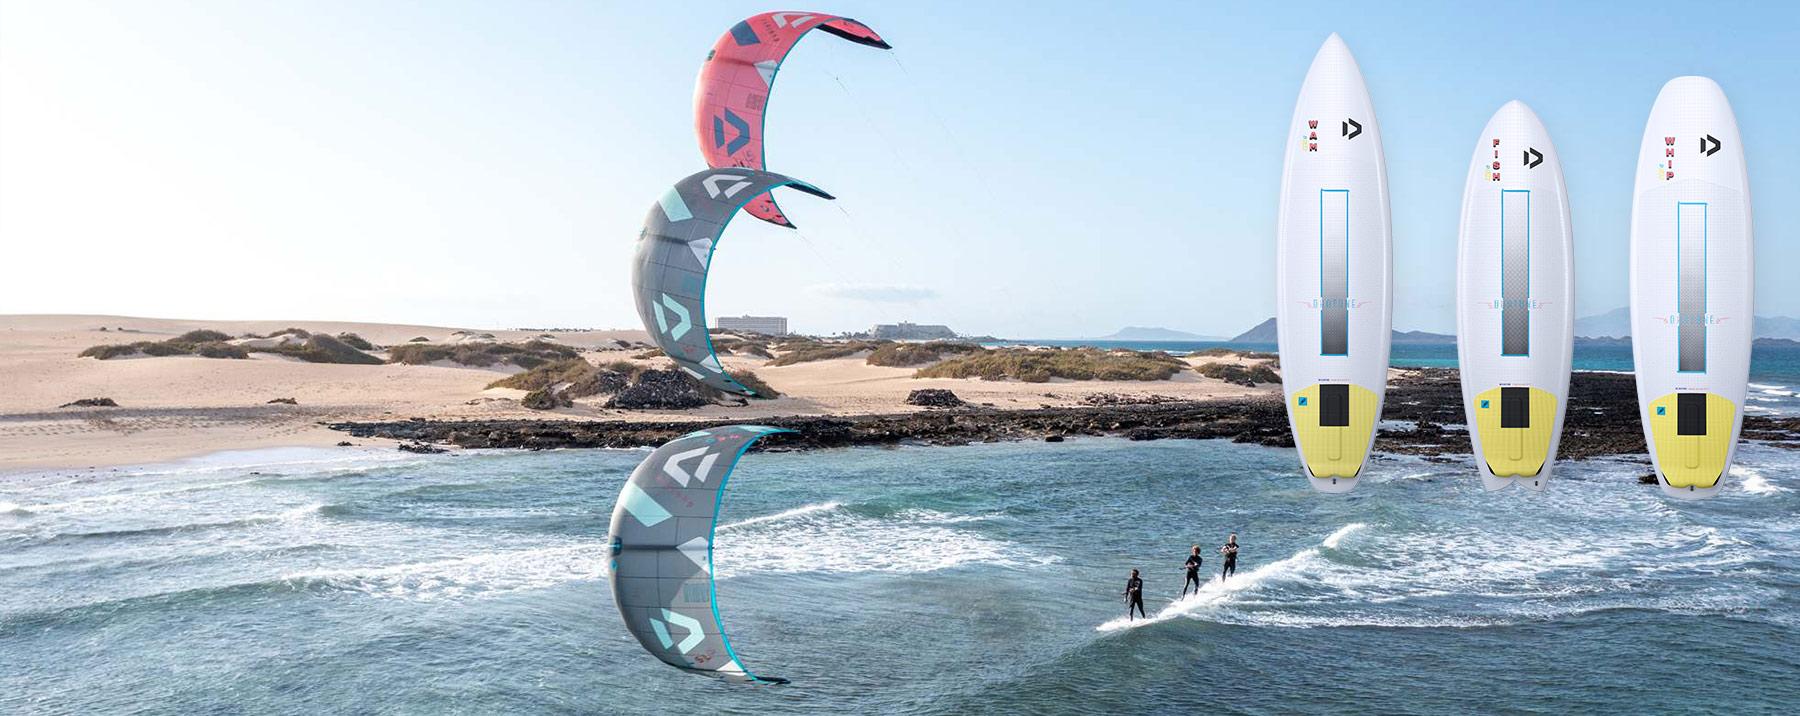 Présentation de la NEO SLS et des Surfs Wam, Fish et Whip D/LAB Duotone 2022